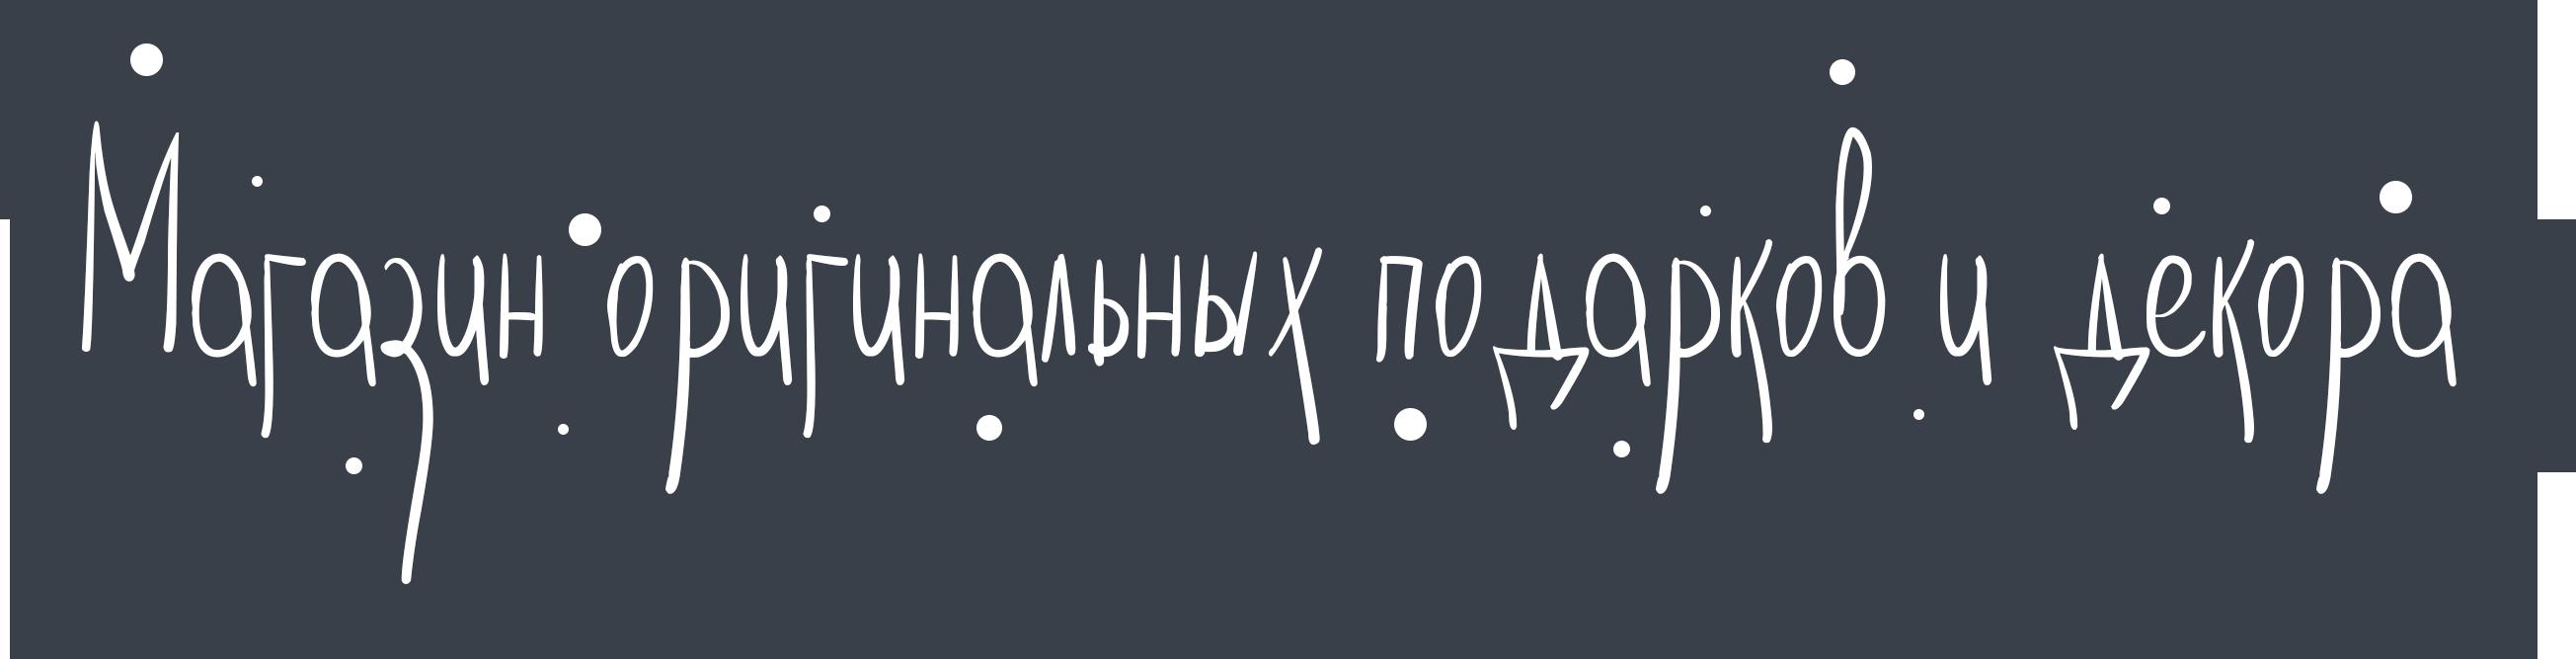 zagolovok.png